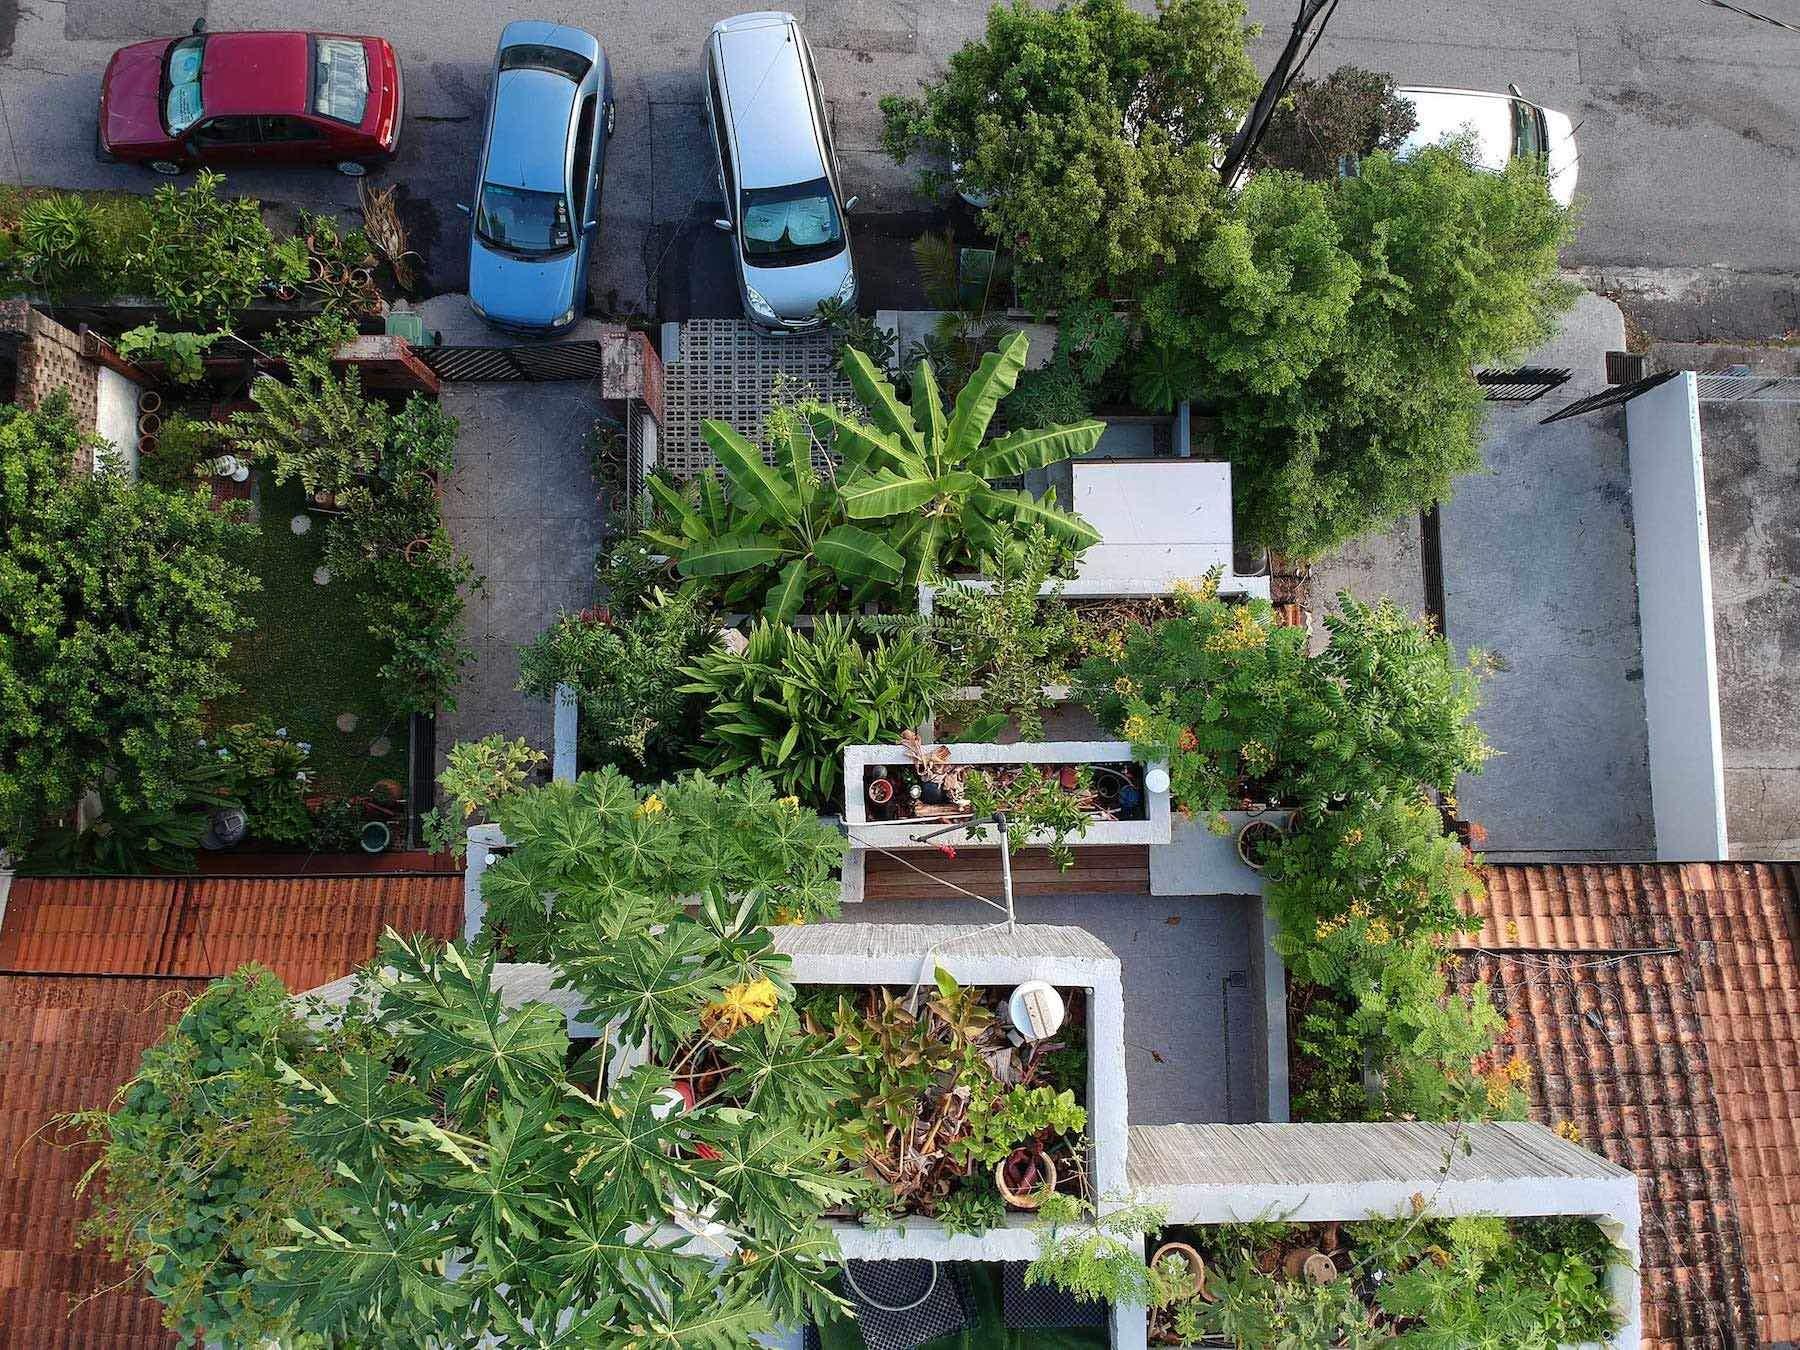 Тут вирощують понад 40 видів їстівних рослин